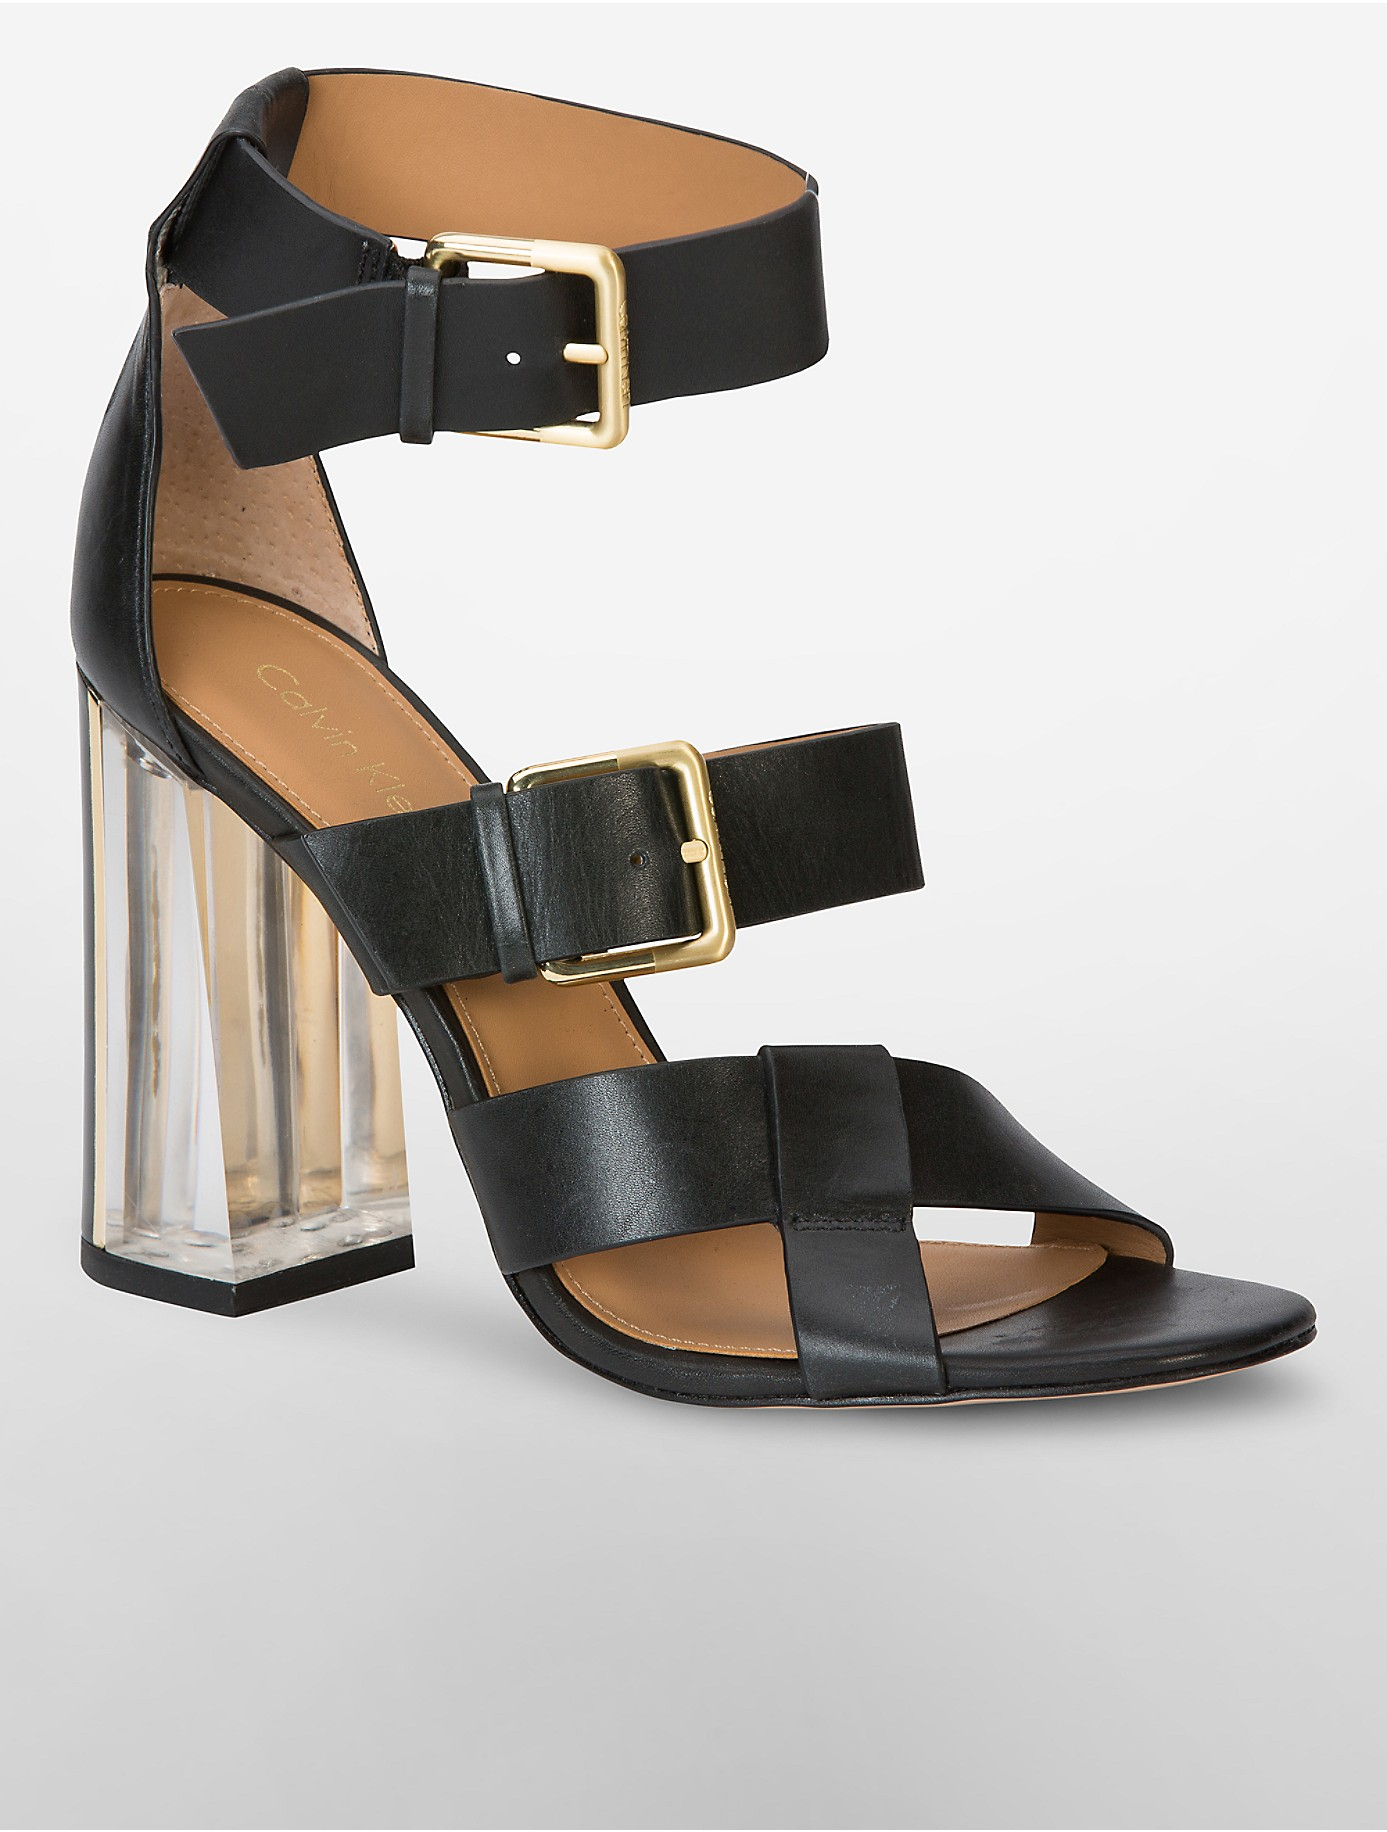 37f63fbfc914a7 calvin klein black sandals lyst calvin klein luana luxor strappy sandal in  black